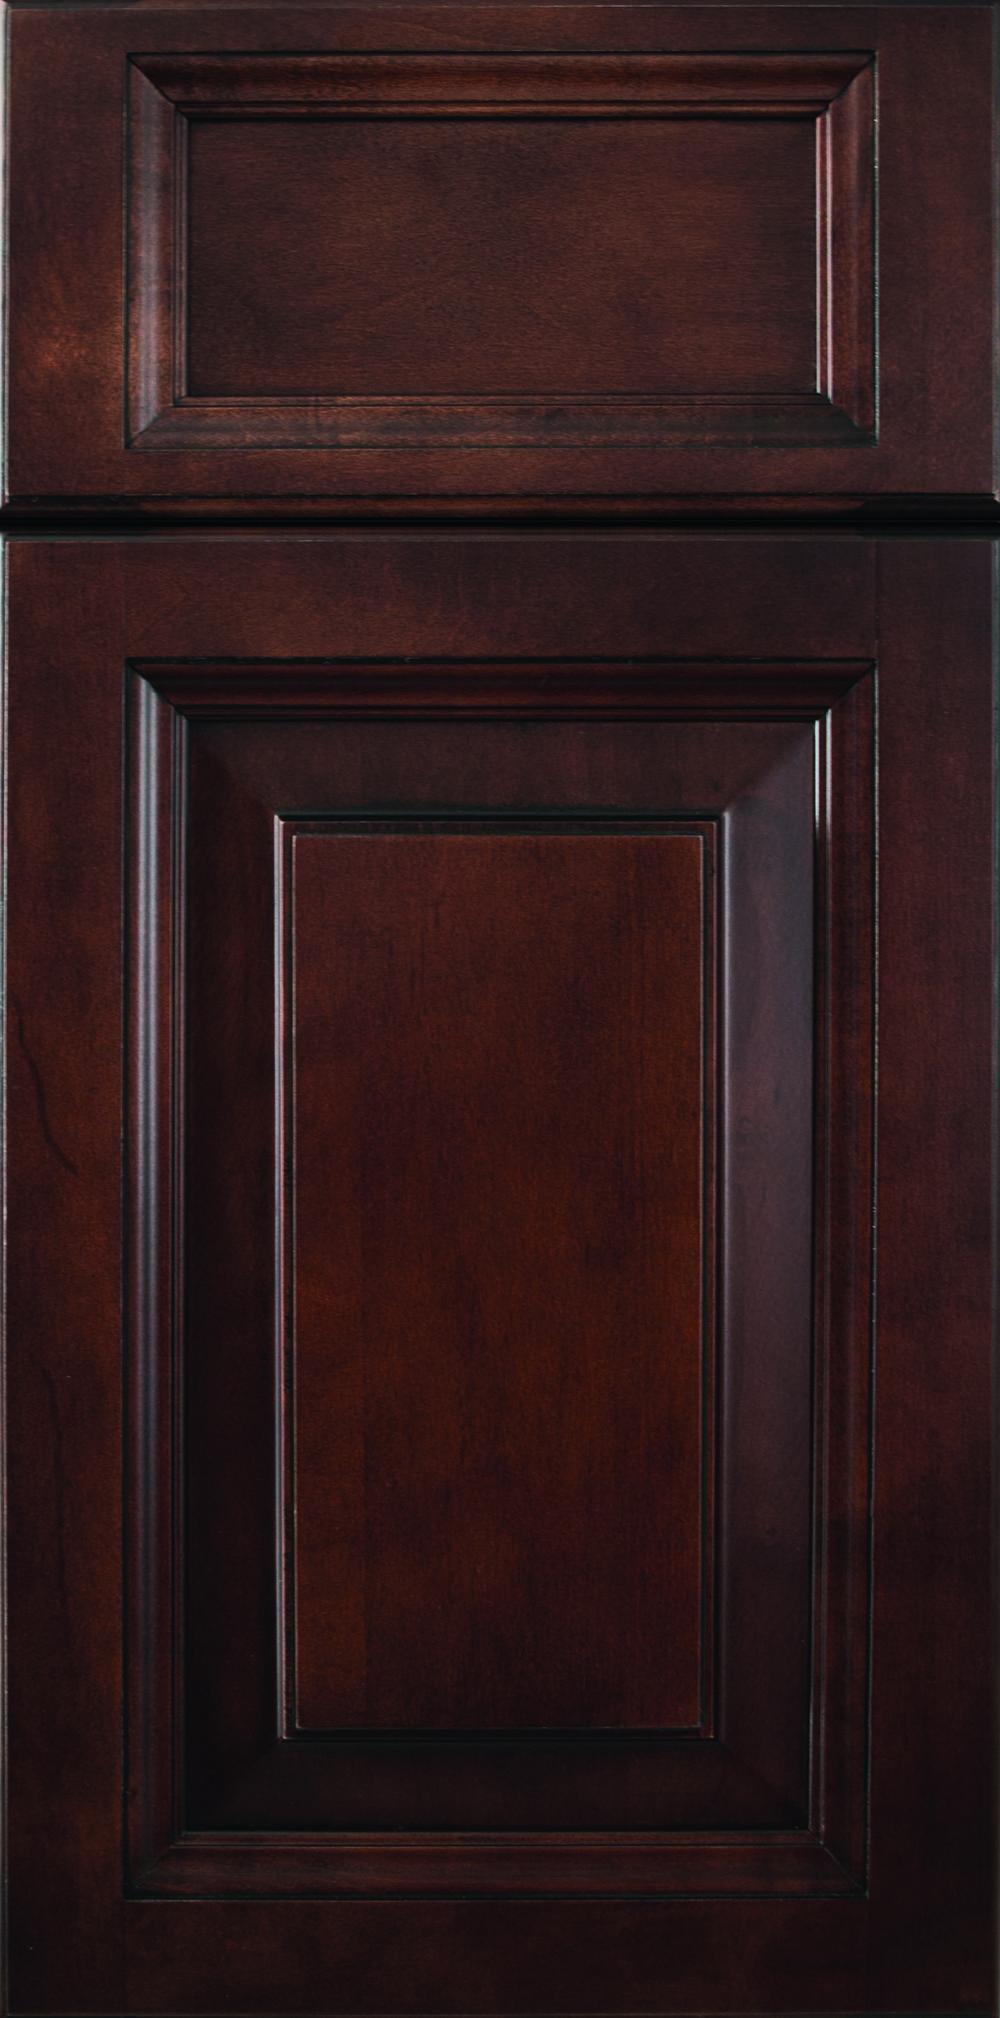 Asheville - Maple - Bordeaux - Brown Glaze - FRONT.jpg